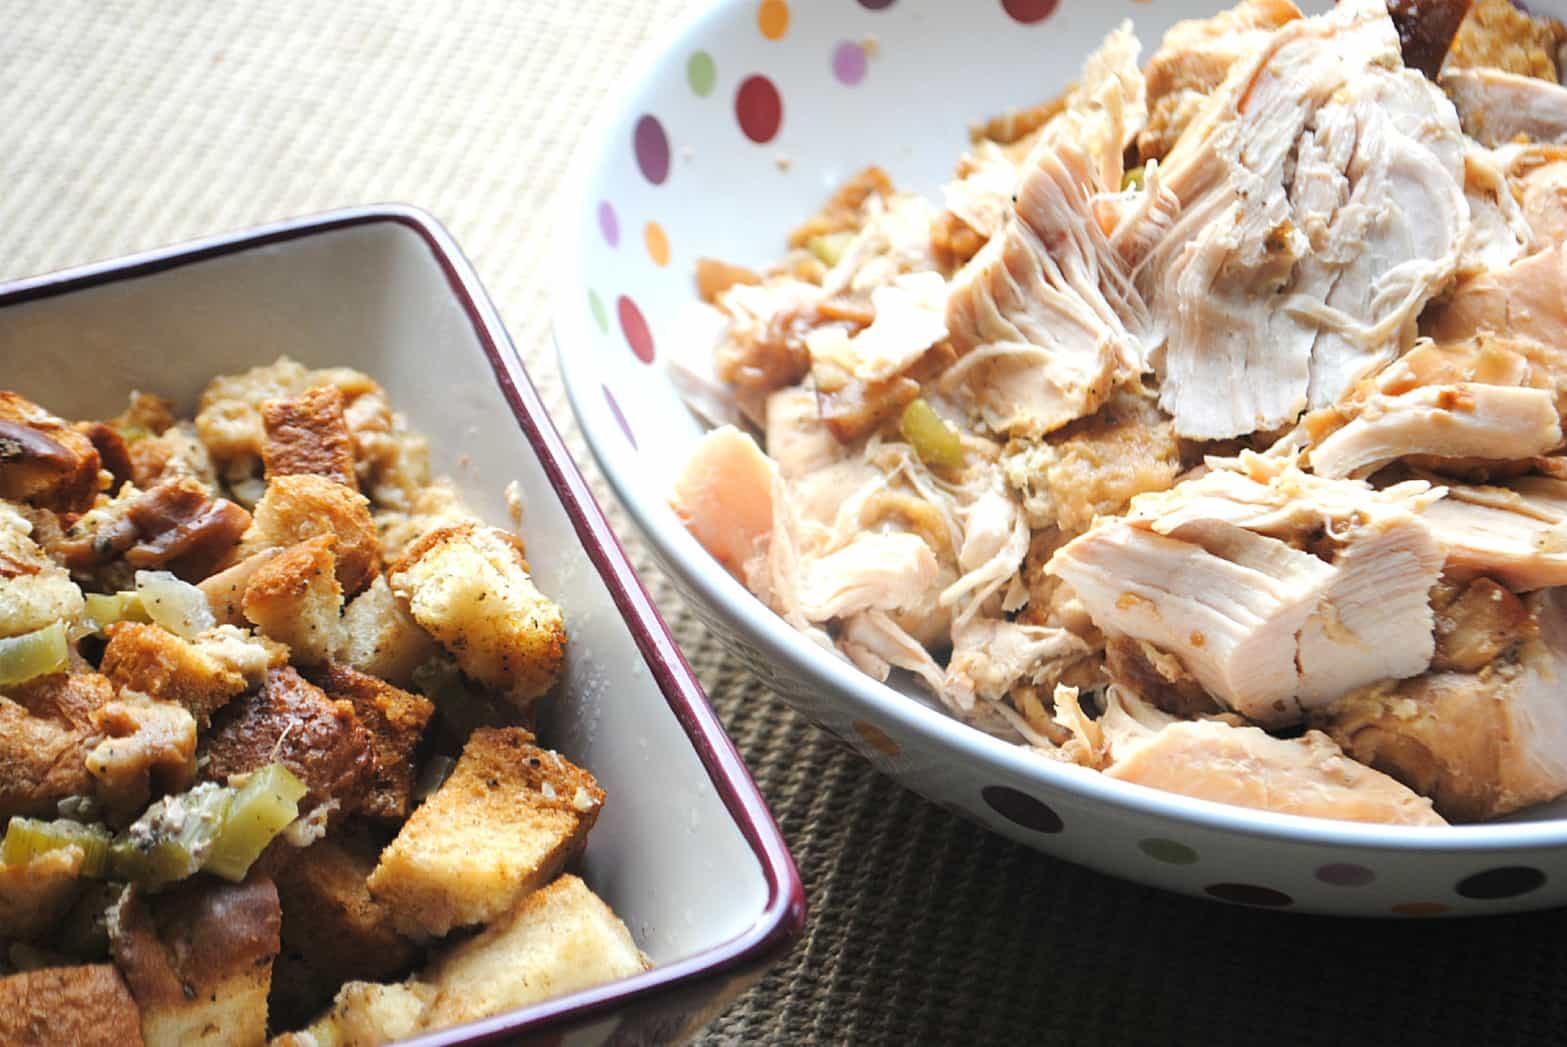 Crockpot turkey breast stuffing